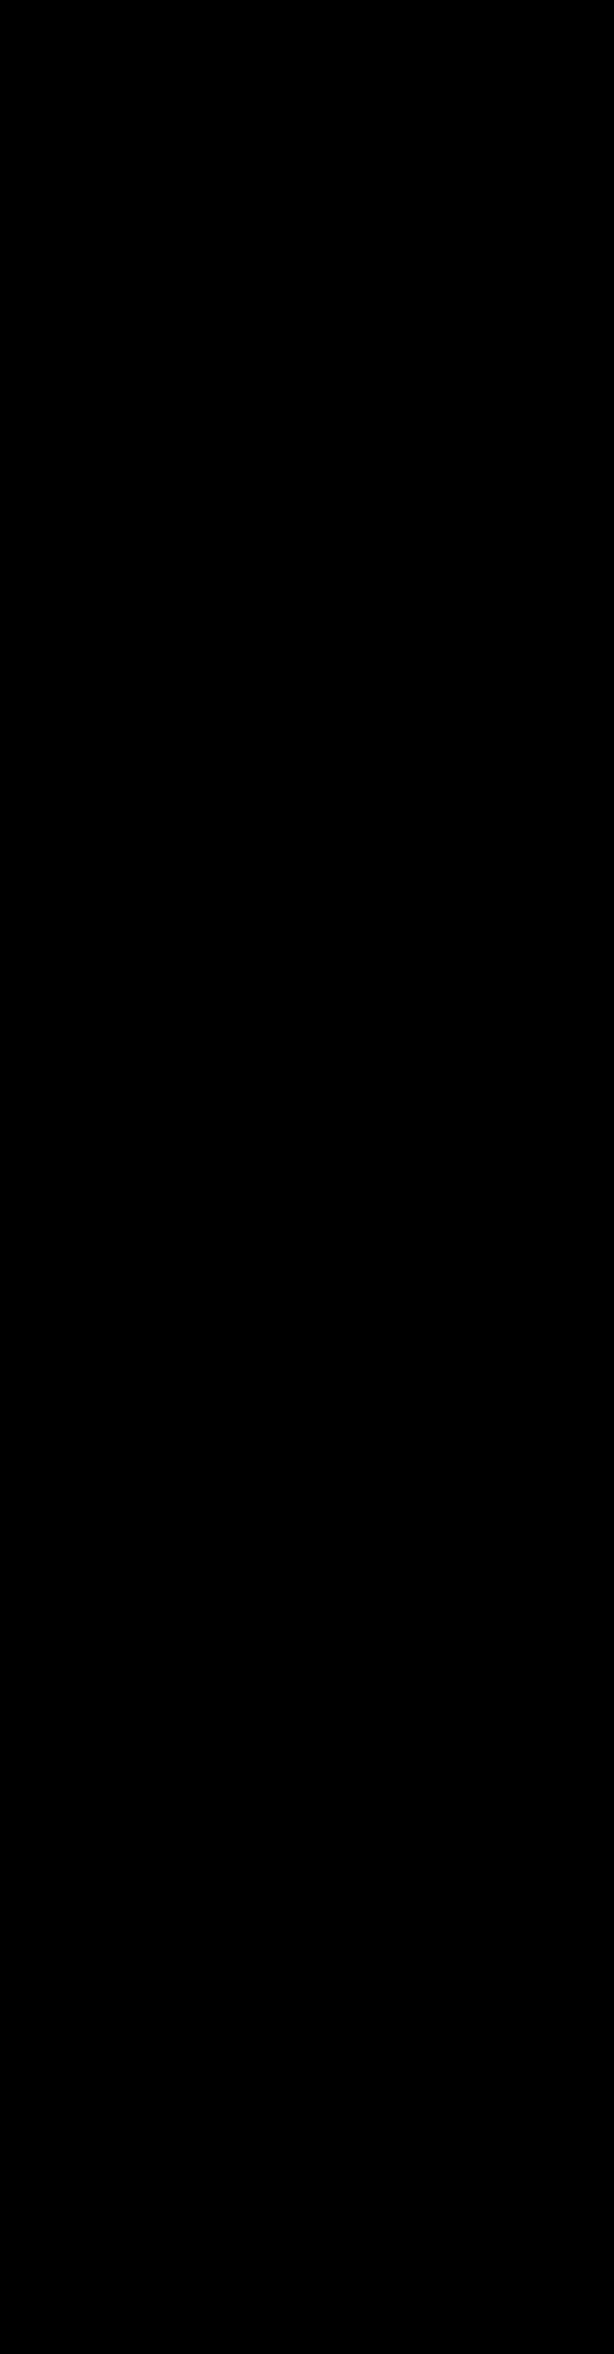 614x2354 Down Arrow Arrow Pointing Down Downwards Cartoon Vector Clip Art